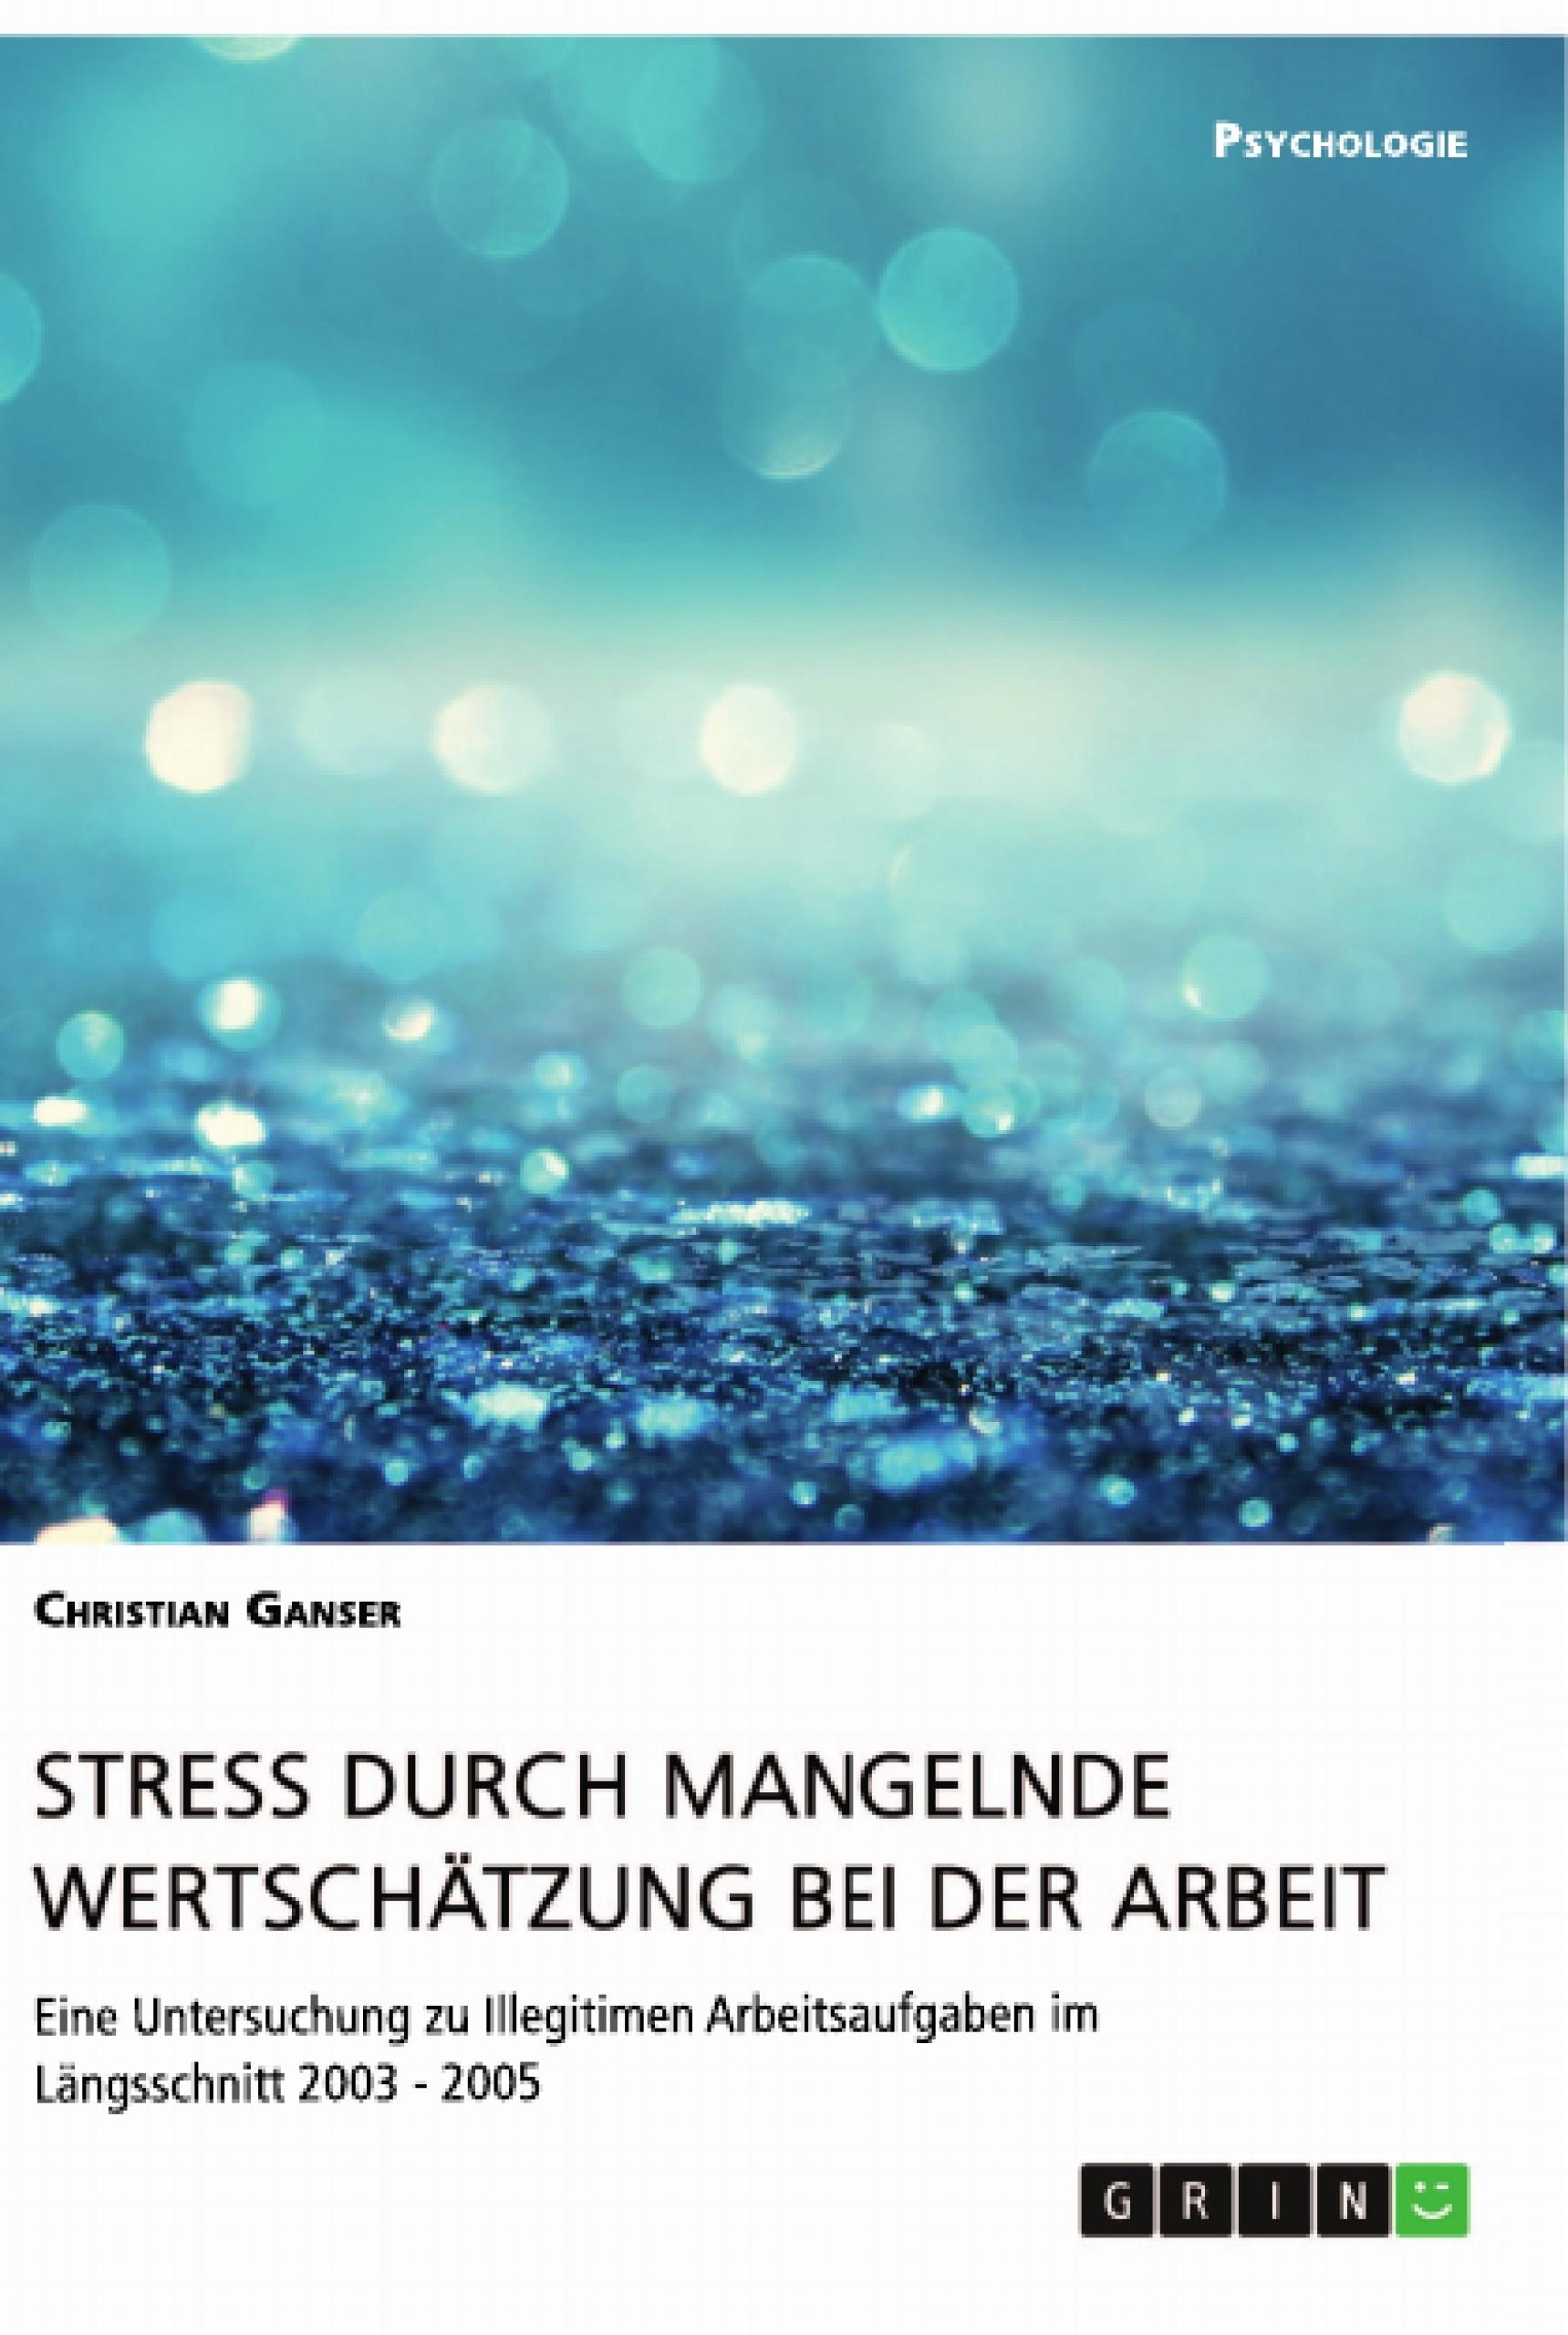 Titel: Stress durch mangelnde Wertschätzung bei der Arbeit